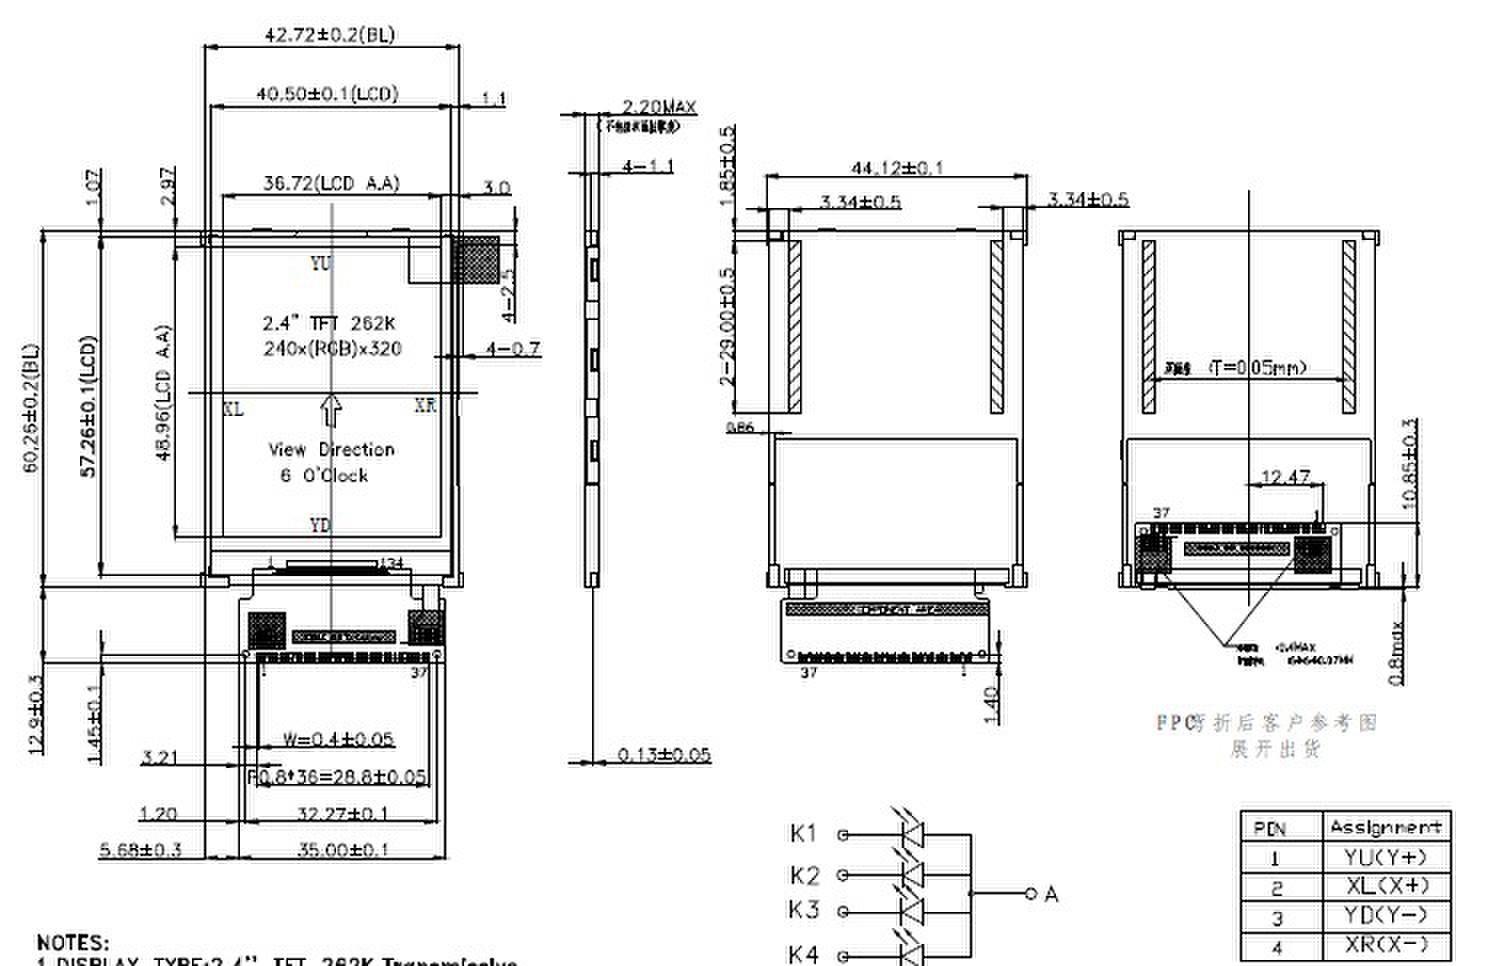 欢迎来电咨询更多产品知识和规格资料,您可以直接拔打前台电话0755-27864416或直接拔打业务经理联系电话,龚先生18824658360,一定在第一时间回复您,谢谢! 欢迎订制各类LCD显示屏,点阵间隙最小可做到0.01mm,最高路数可到1/240DUTY,ITO厚度有0.55/0.7/1.1mm。可供客户按实际需求选择,还可根据客户要求做多色丝印、切角、麿角、钻孔等特殊工艺,年产量可做到24万对14*16英寸的TN、STN-LCD。产品类型含括TN、HTN、STN、FSTN、COG、TAB、